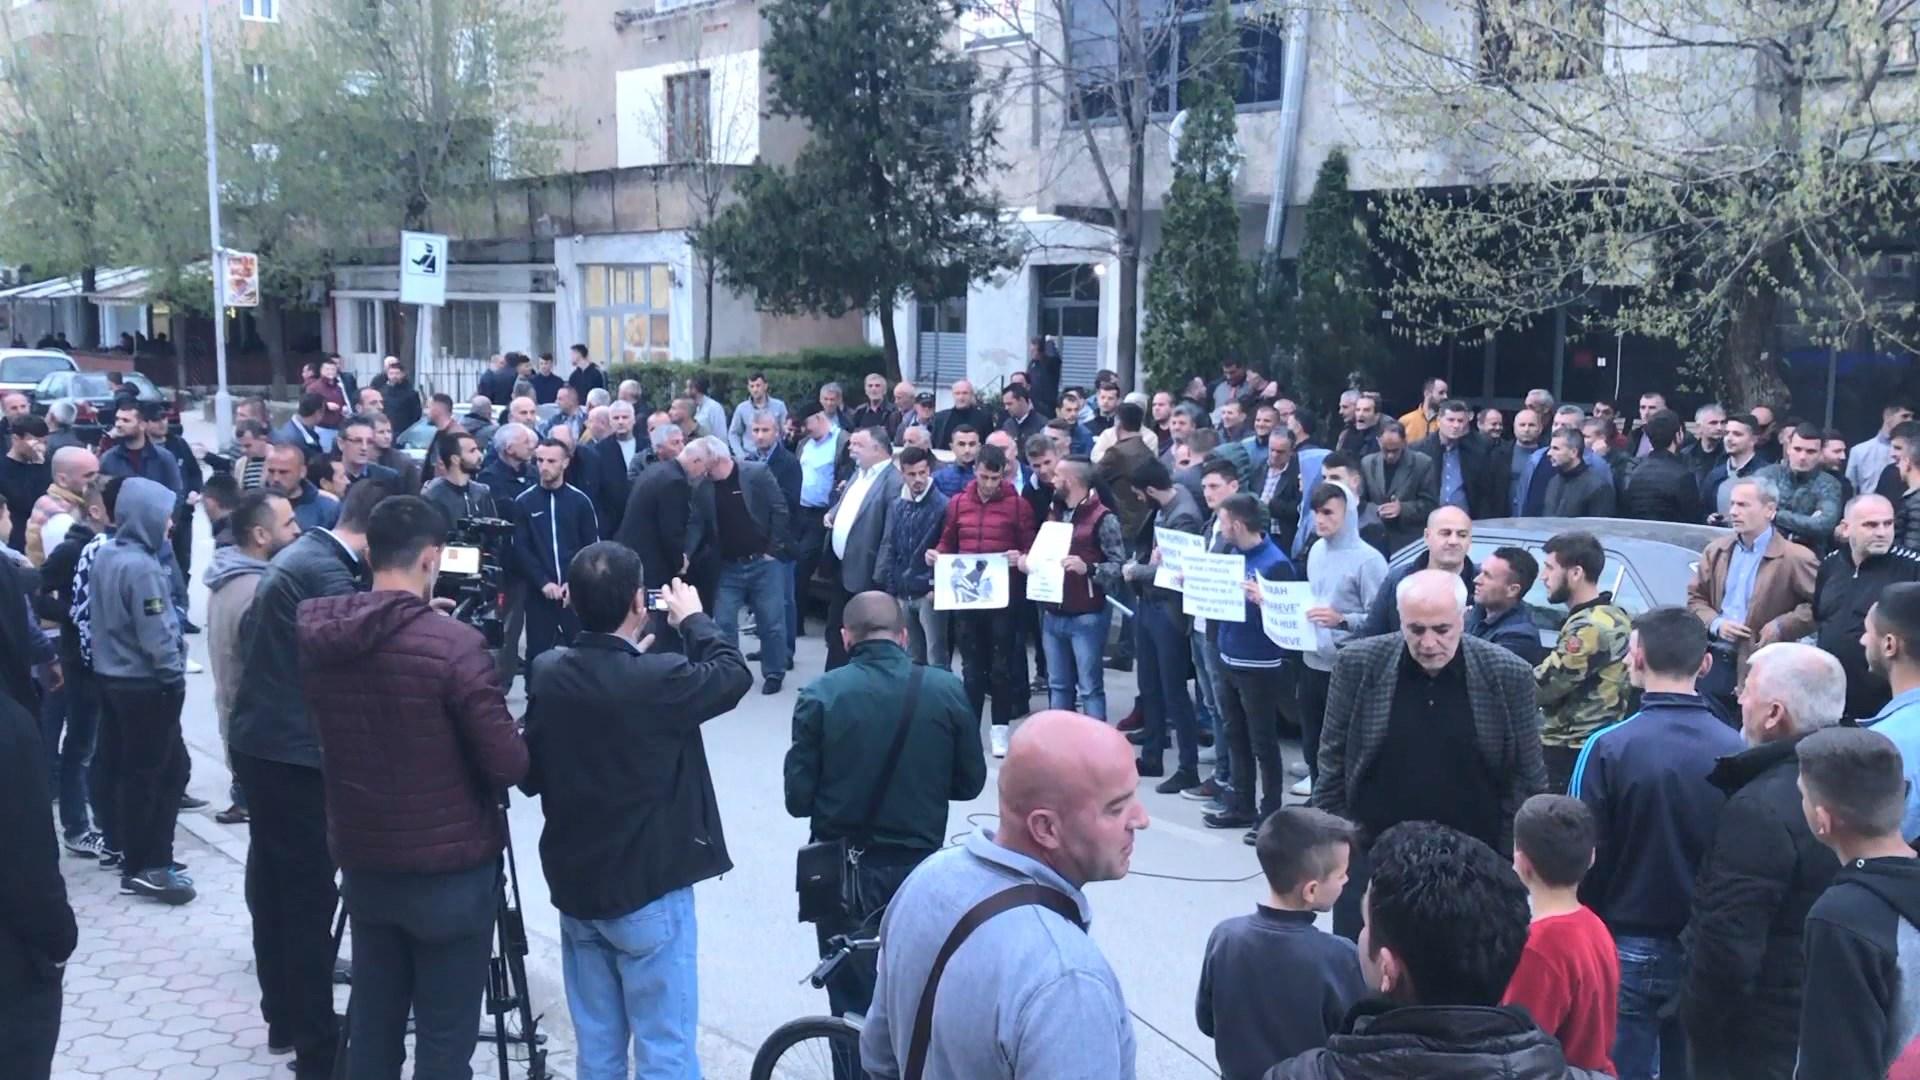 Kuksianët protestë para komisariatit, për lirimin e 11 të ndaluarve